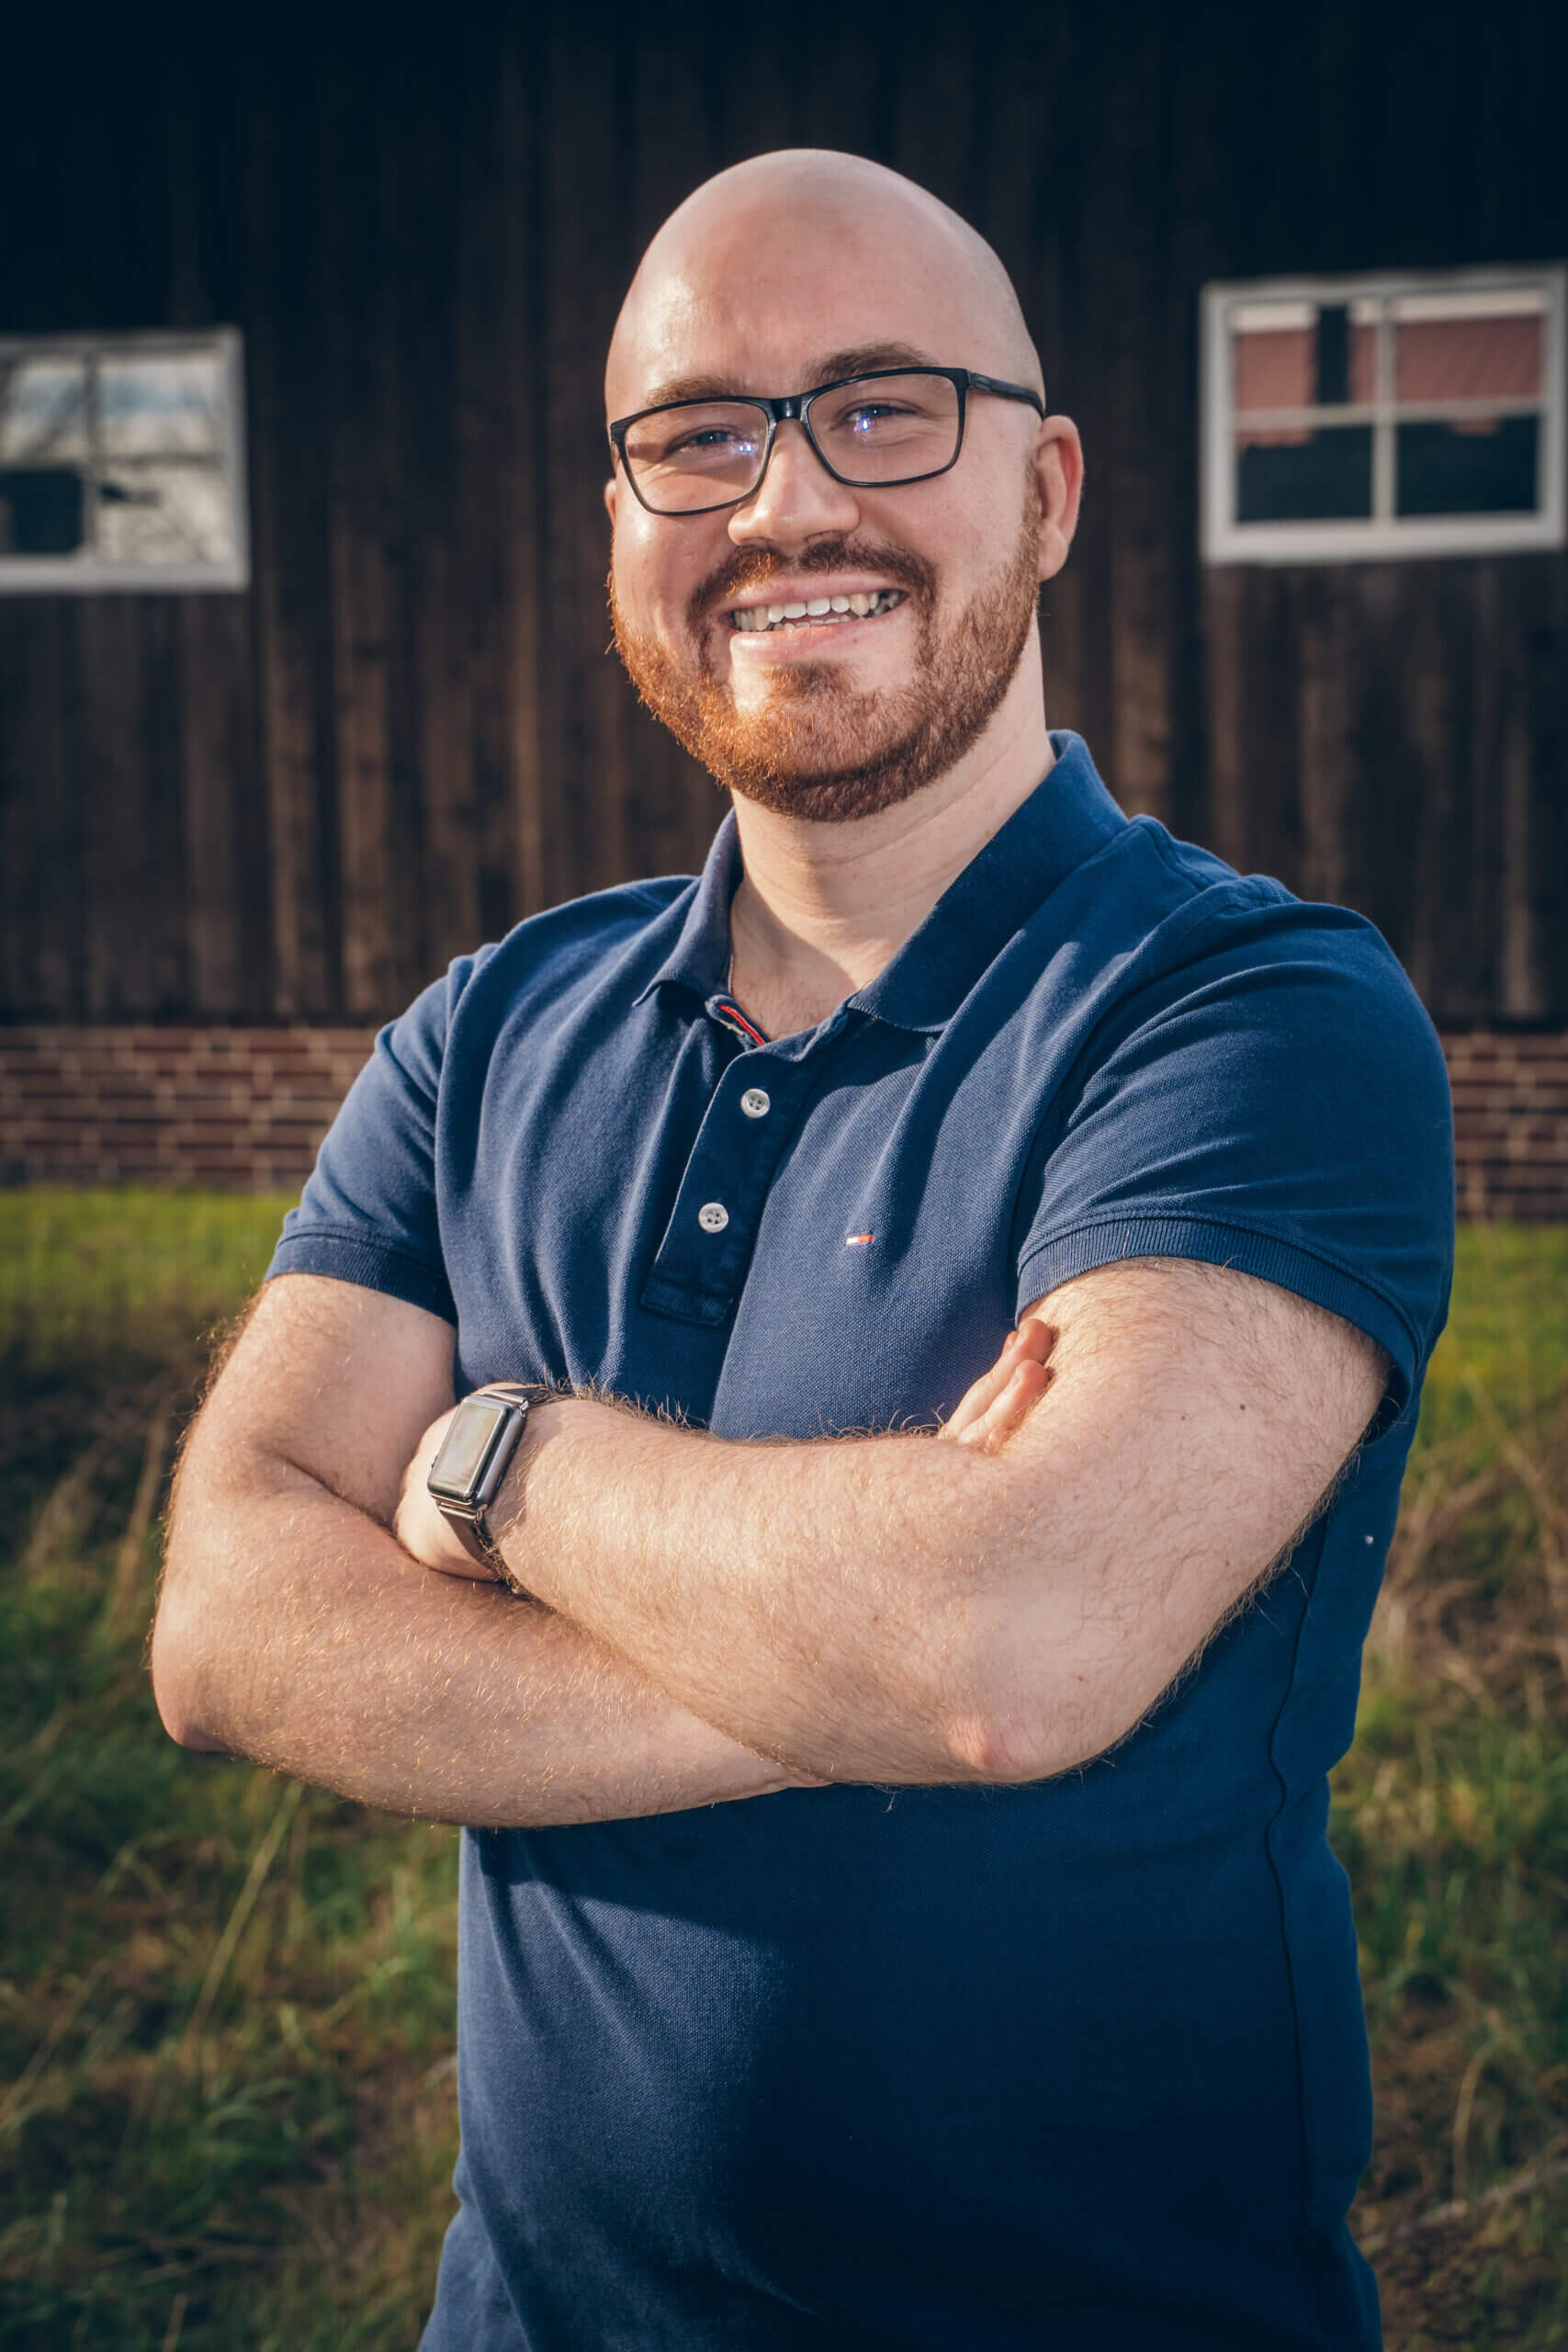 SturmSignal Thomas Beifuss Storyteller 2 scaled Online-Marketing Agentur Cloppenburg Niedersachsen